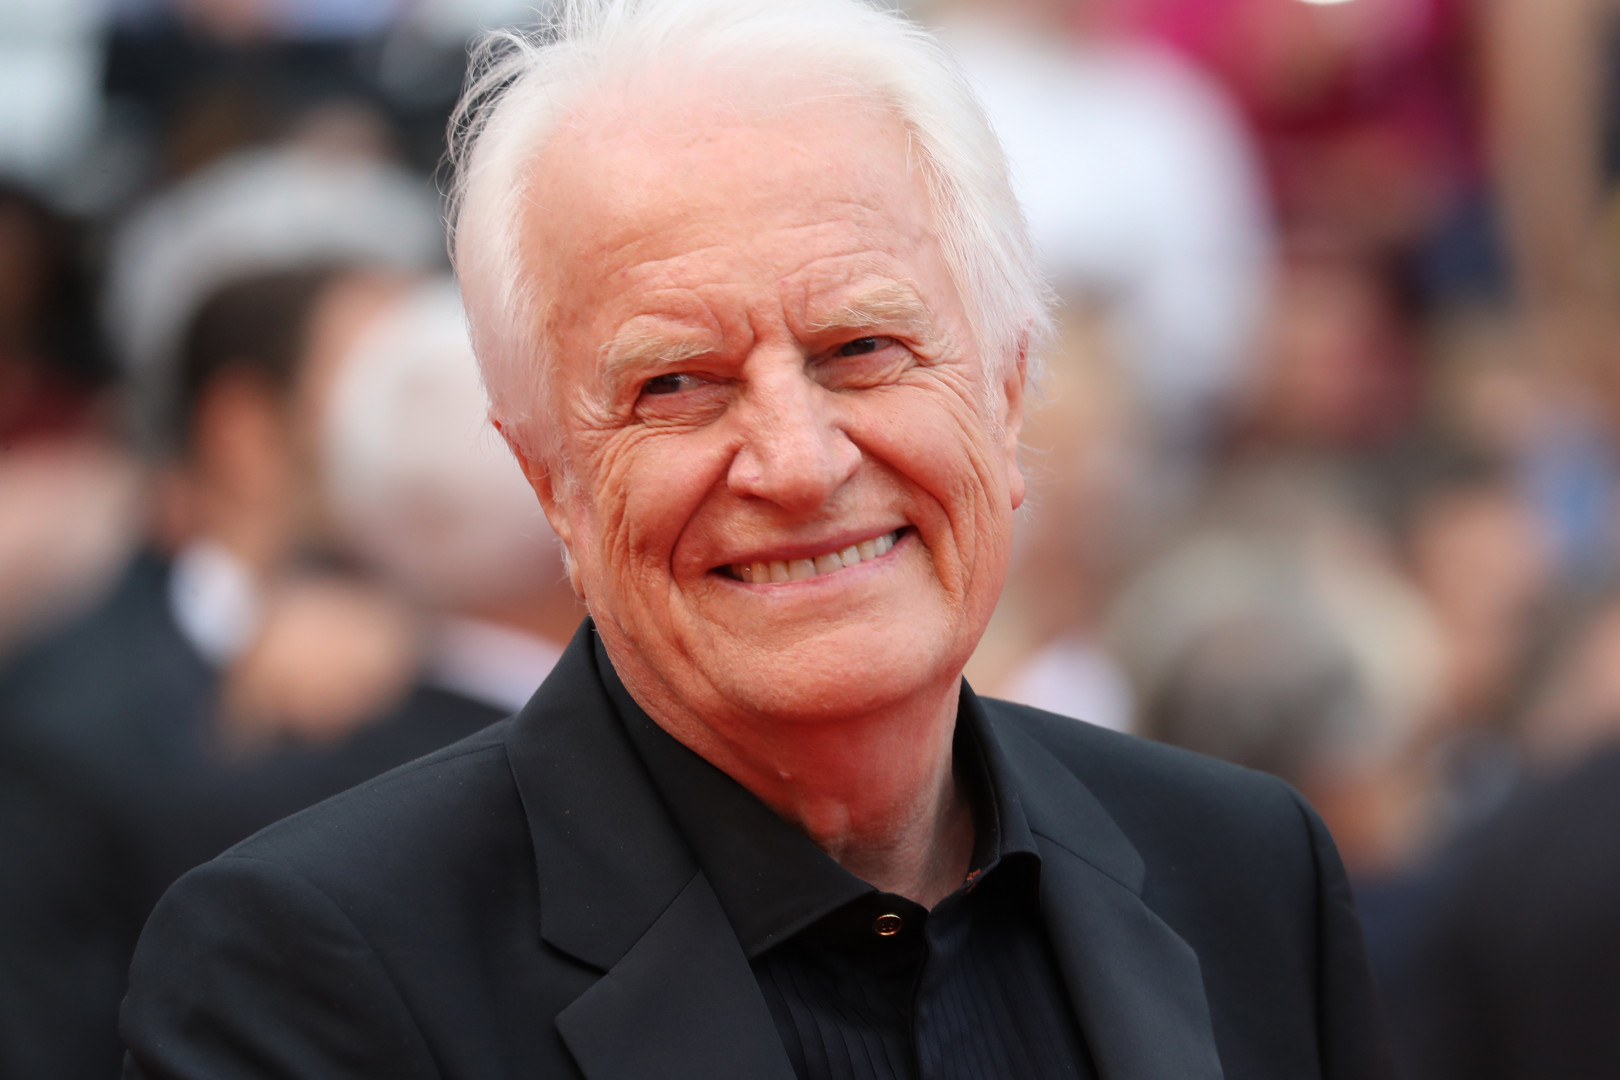 Festival de Cannes 2019 : André Dussolier, en costume noir